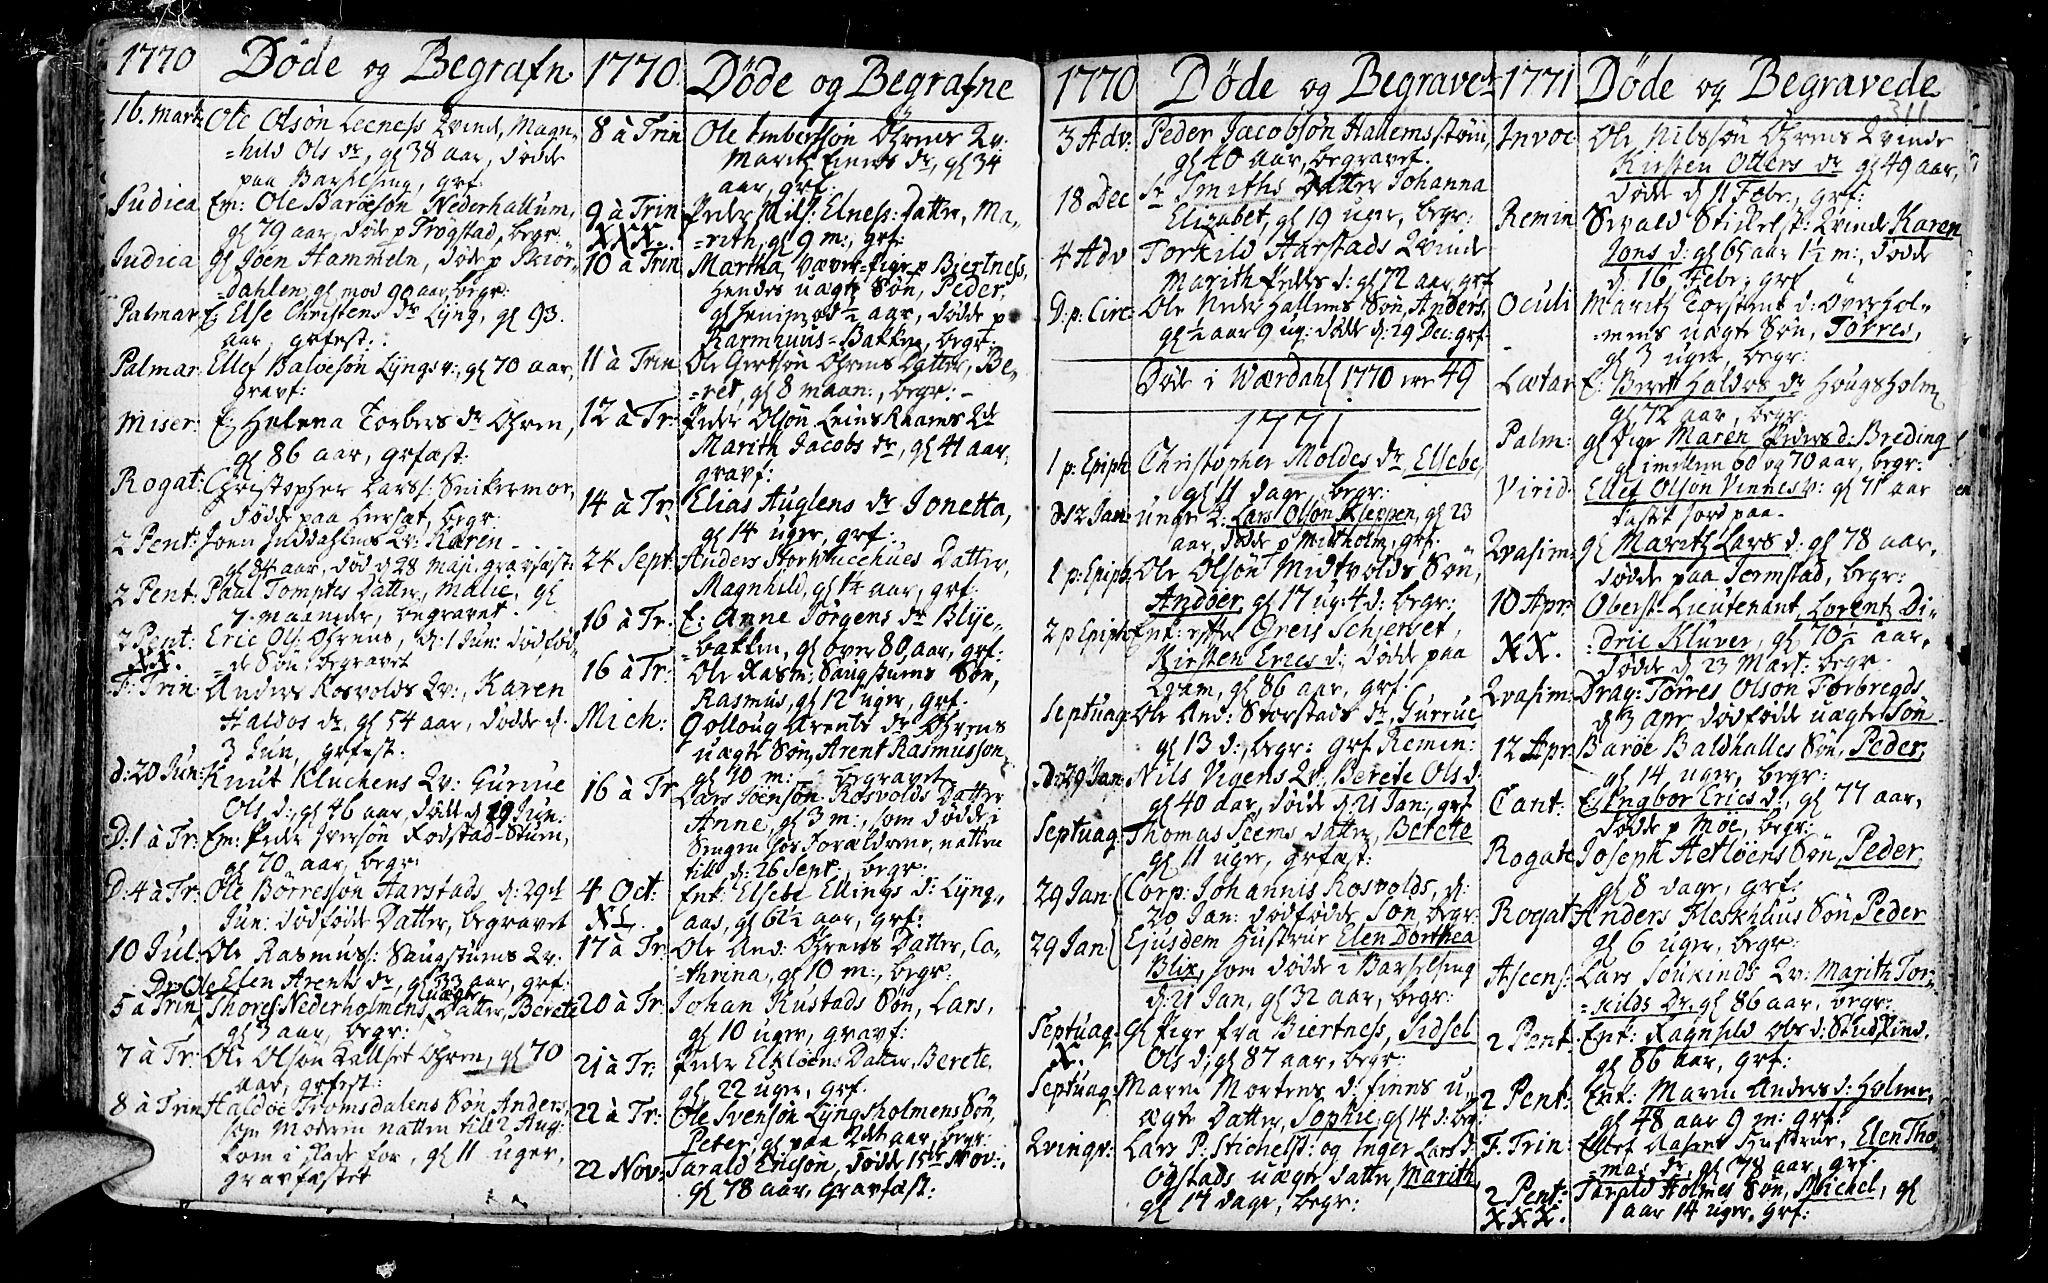 SAT, Ministerialprotokoller, klokkerbøker og fødselsregistre - Nord-Trøndelag, 723/L0231: Ministerialbok nr. 723A02, 1748-1780, s. 311